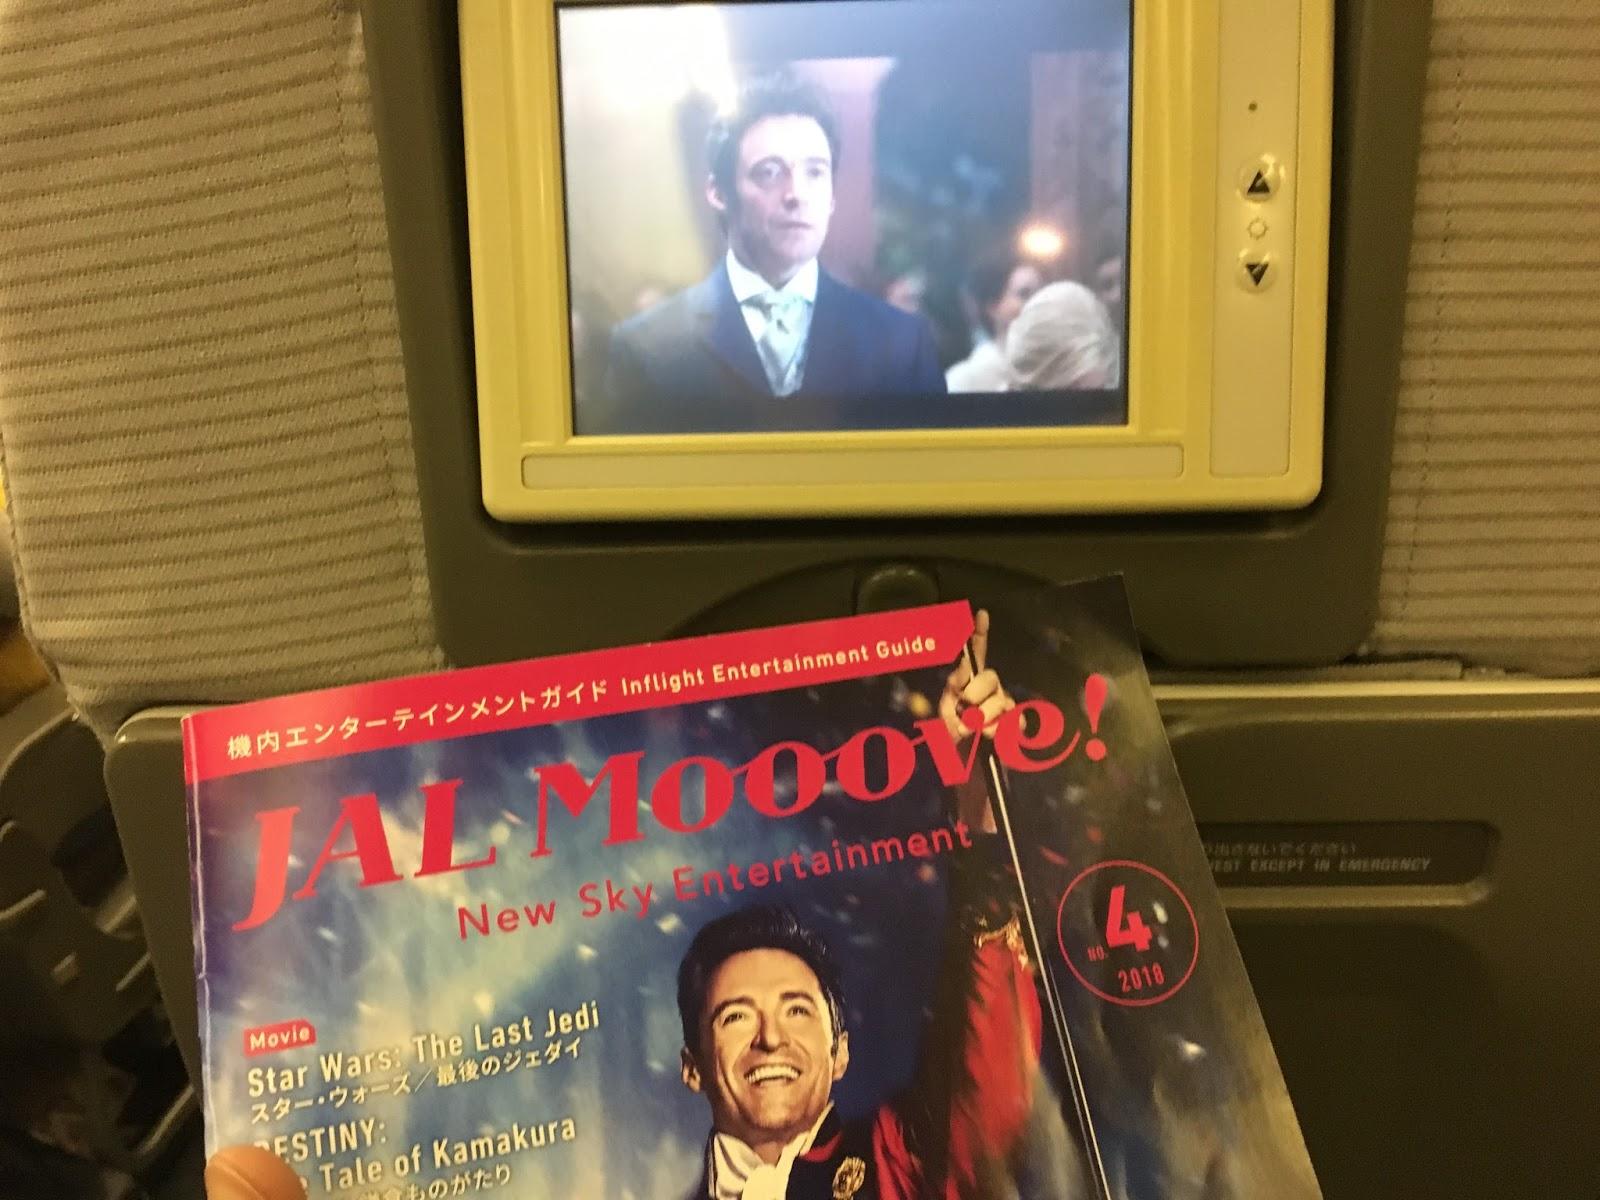 20180404 日本航空 TPE-NRT 臺北-東京成田飛行紀錄 JL804 JL809